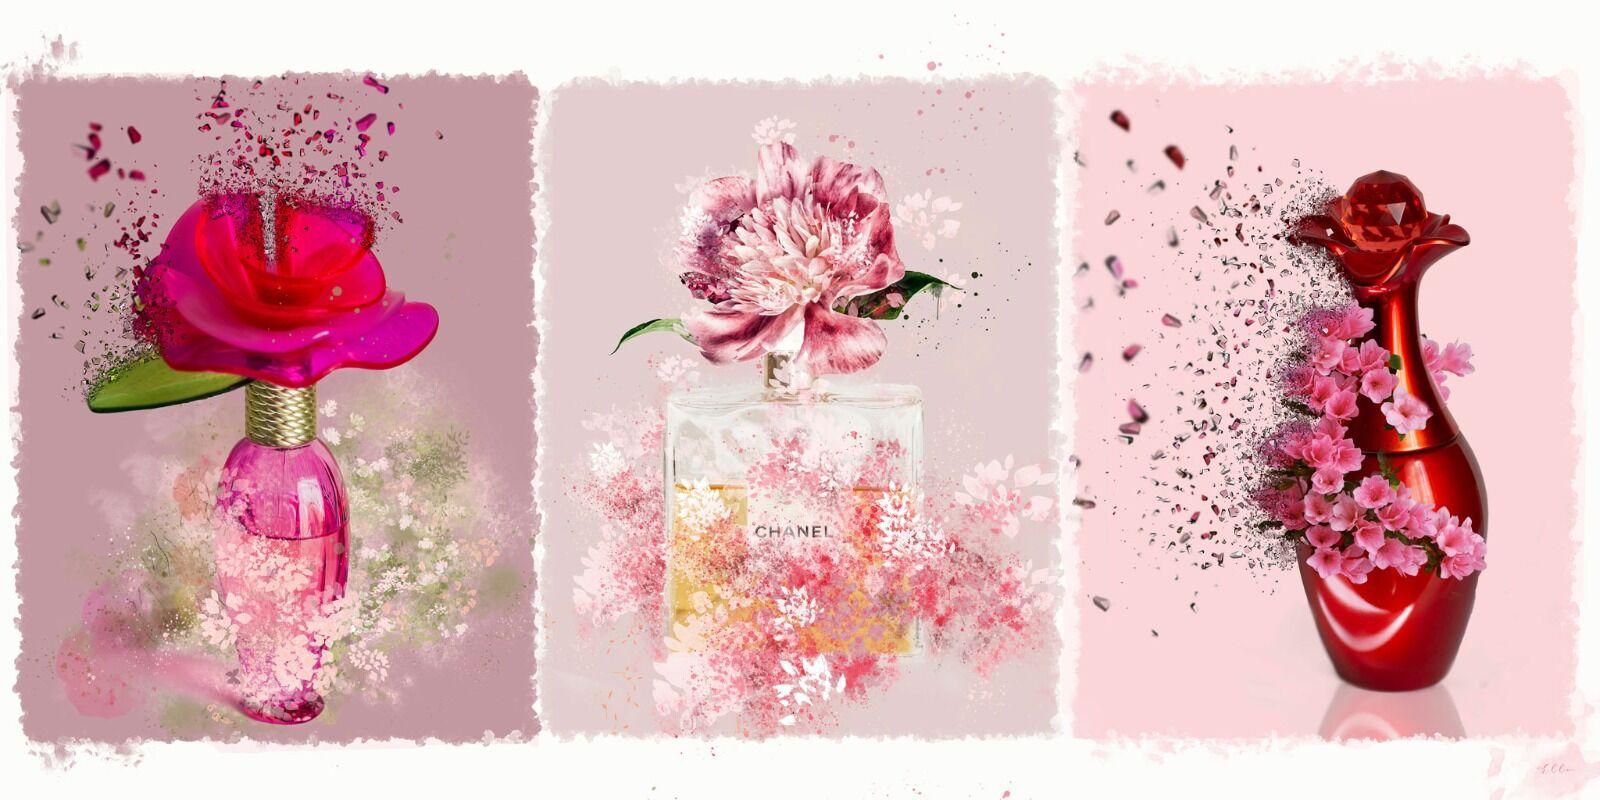 Fragrance - Mixed art effect